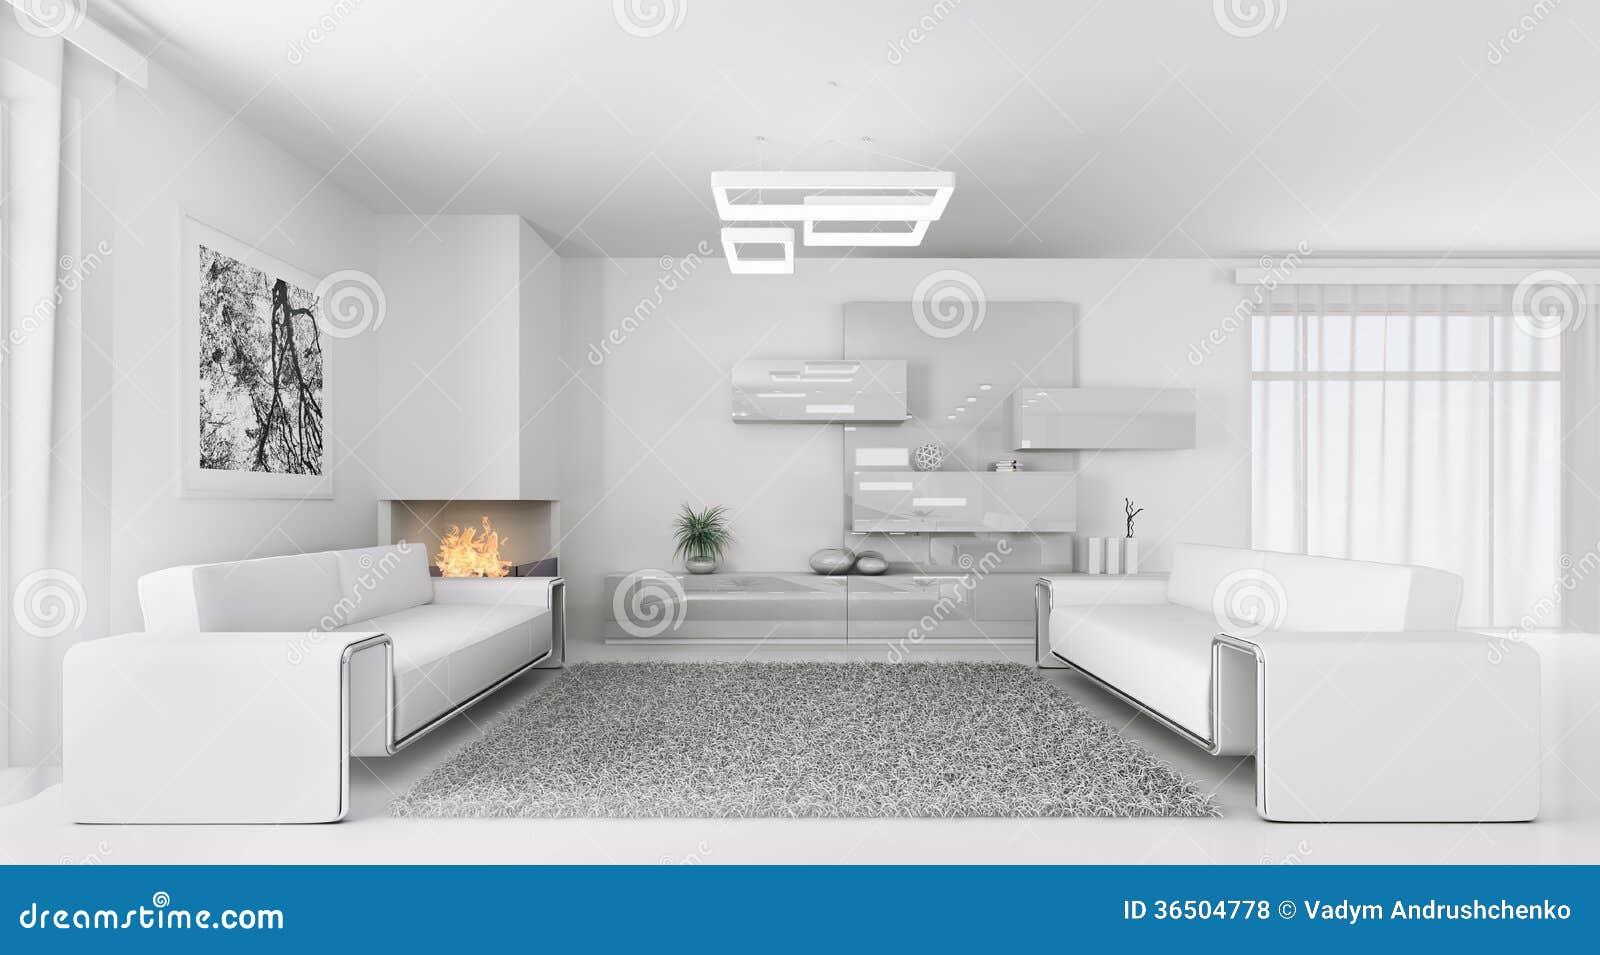 Modern white interior of living room 3d render stock image for Modern white interior